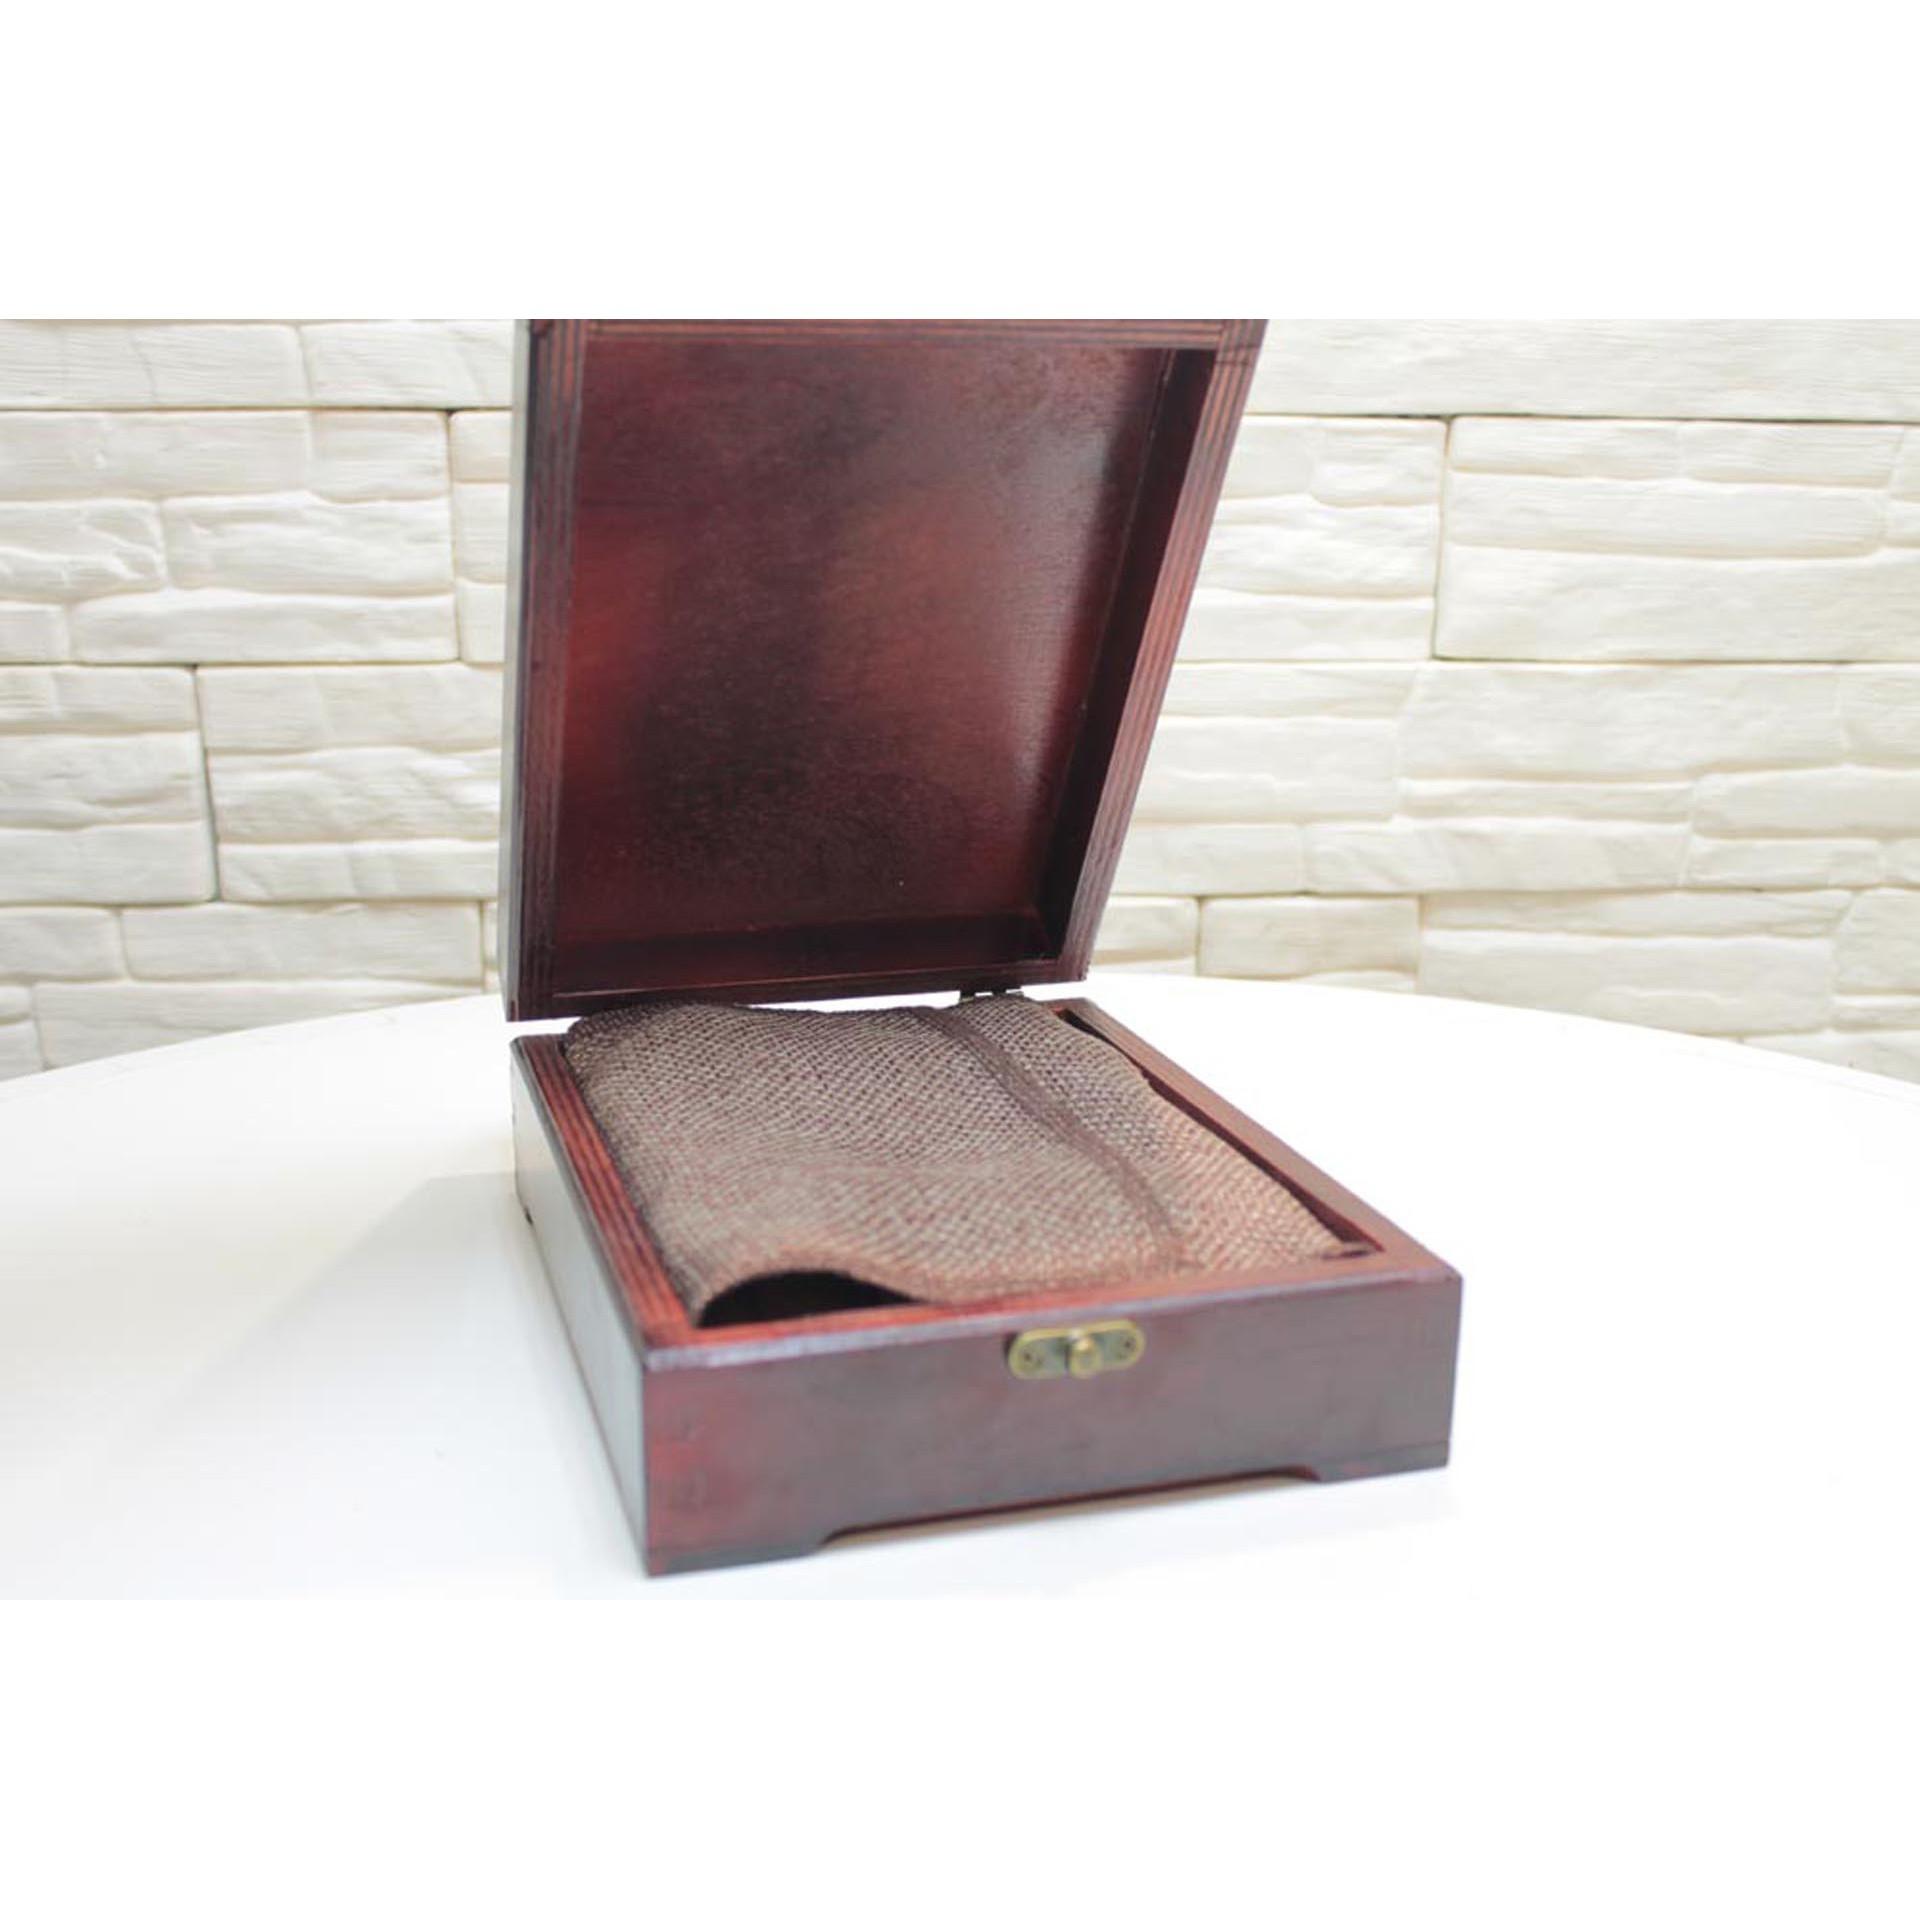 Подарочный футляр для иконы размером 14-19 см с подставкой и покровом